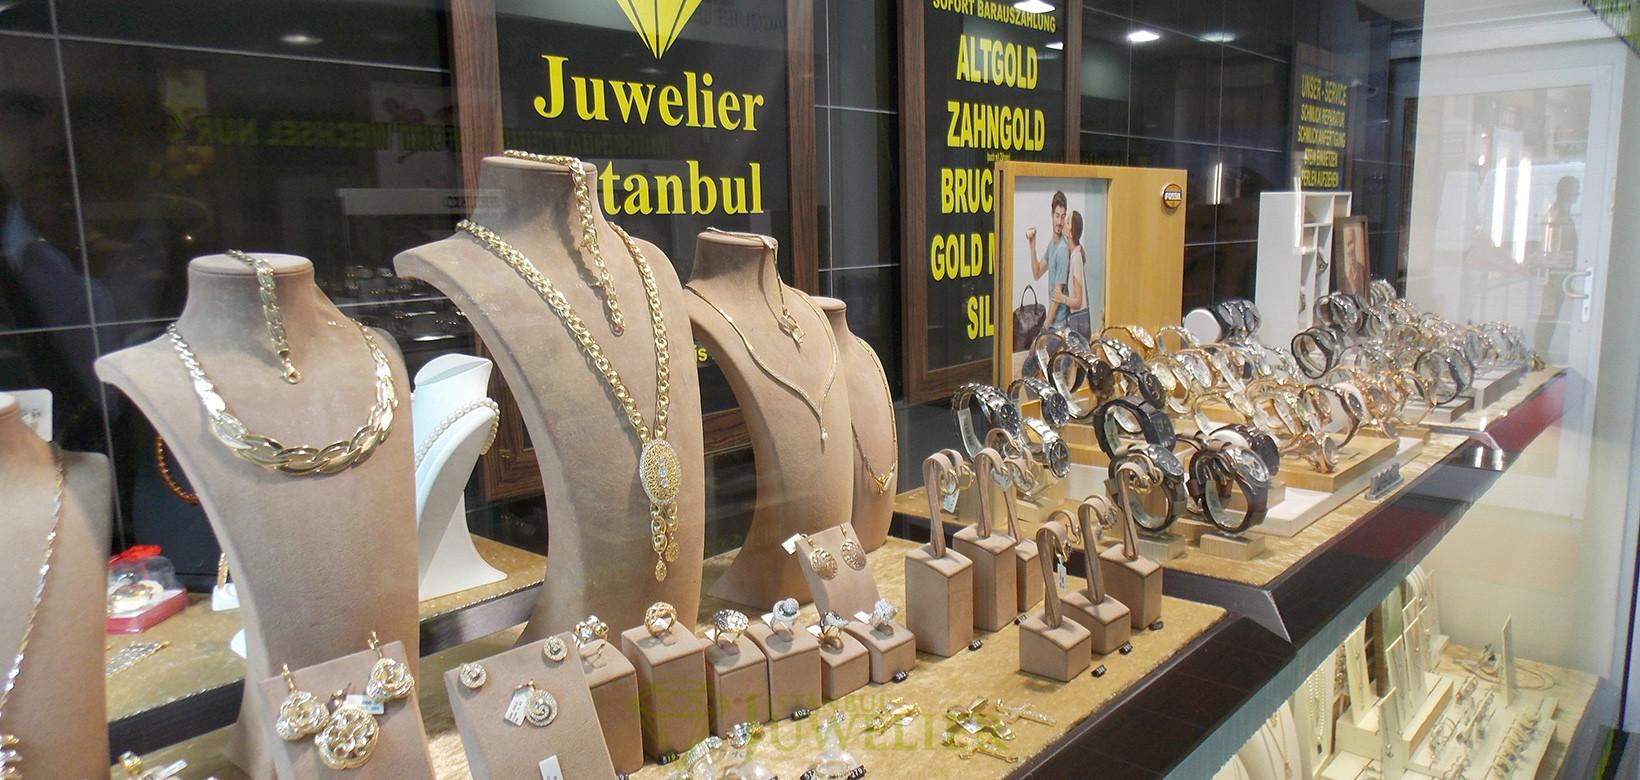 Juwelier Istanbul in Mönchengladbach Schmuck Verkauf